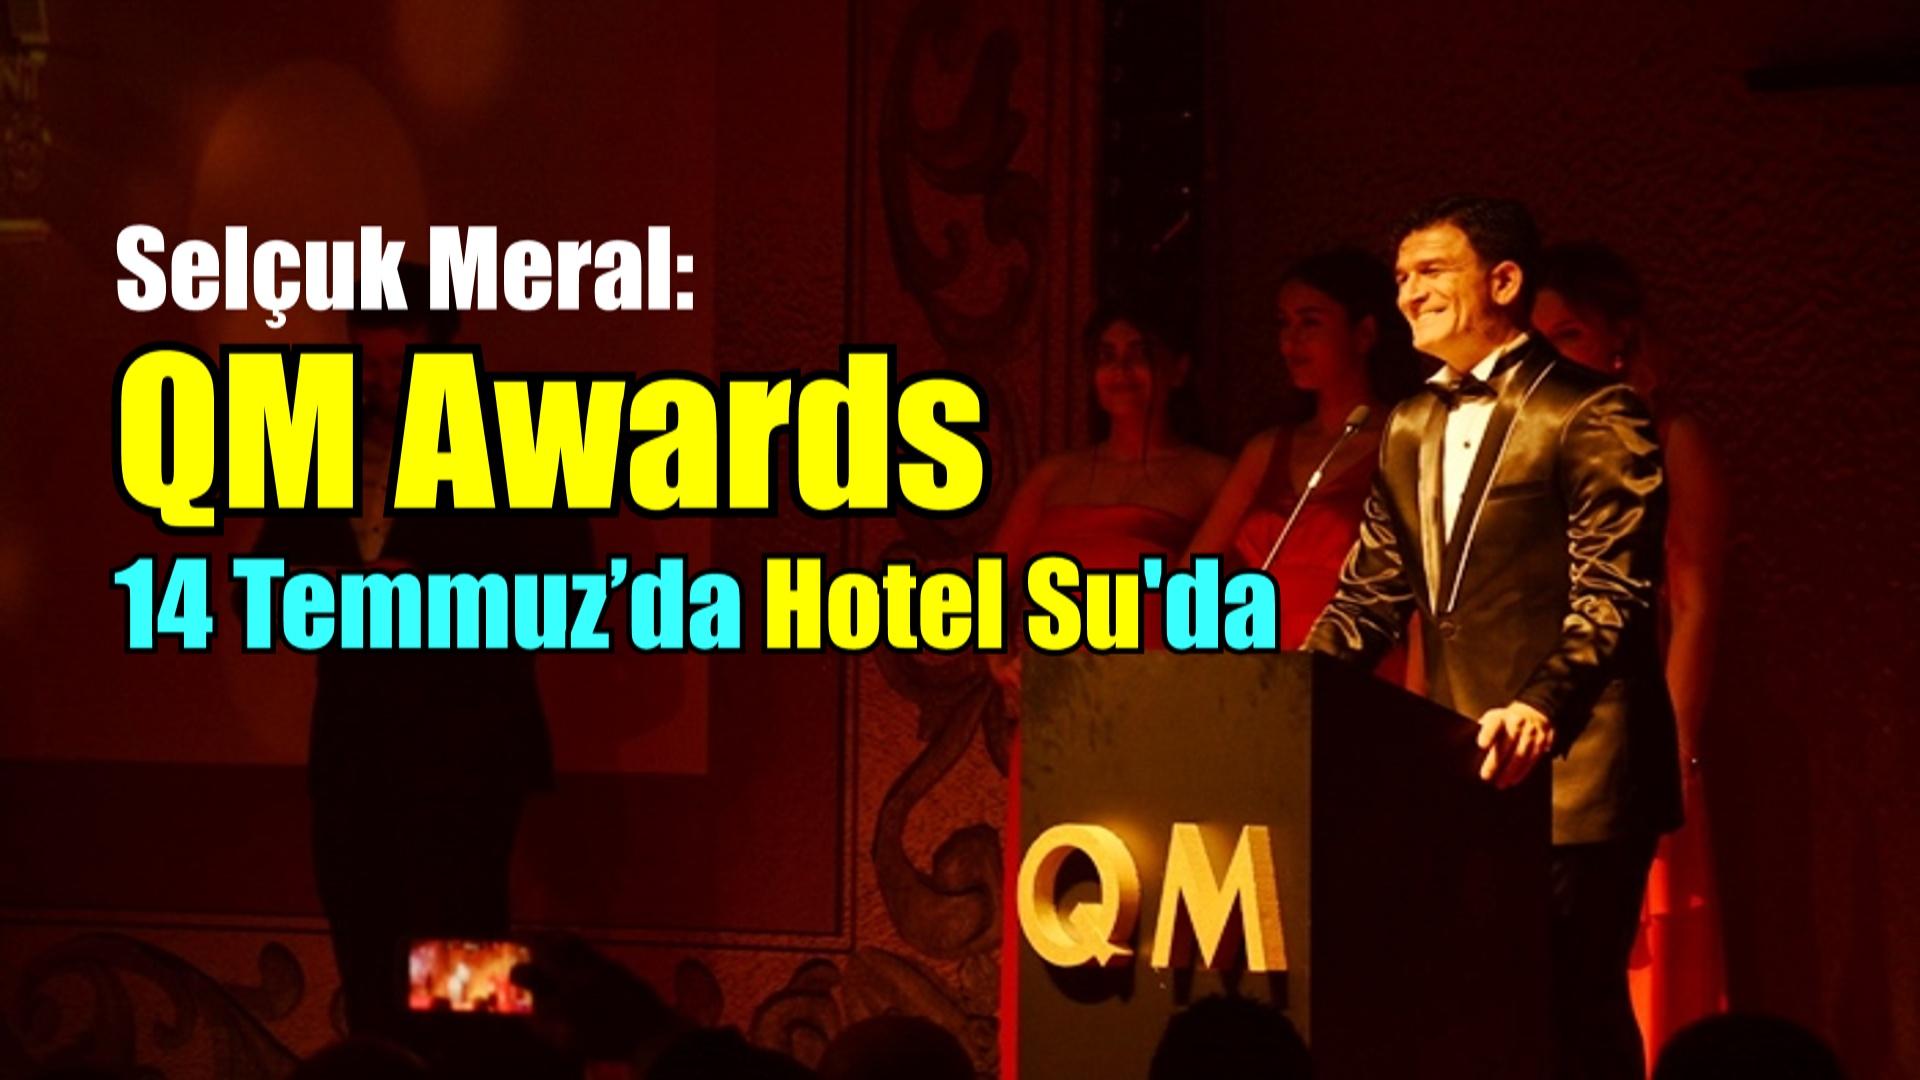 QM Awards 14 Temmuz'da düzenlenecek